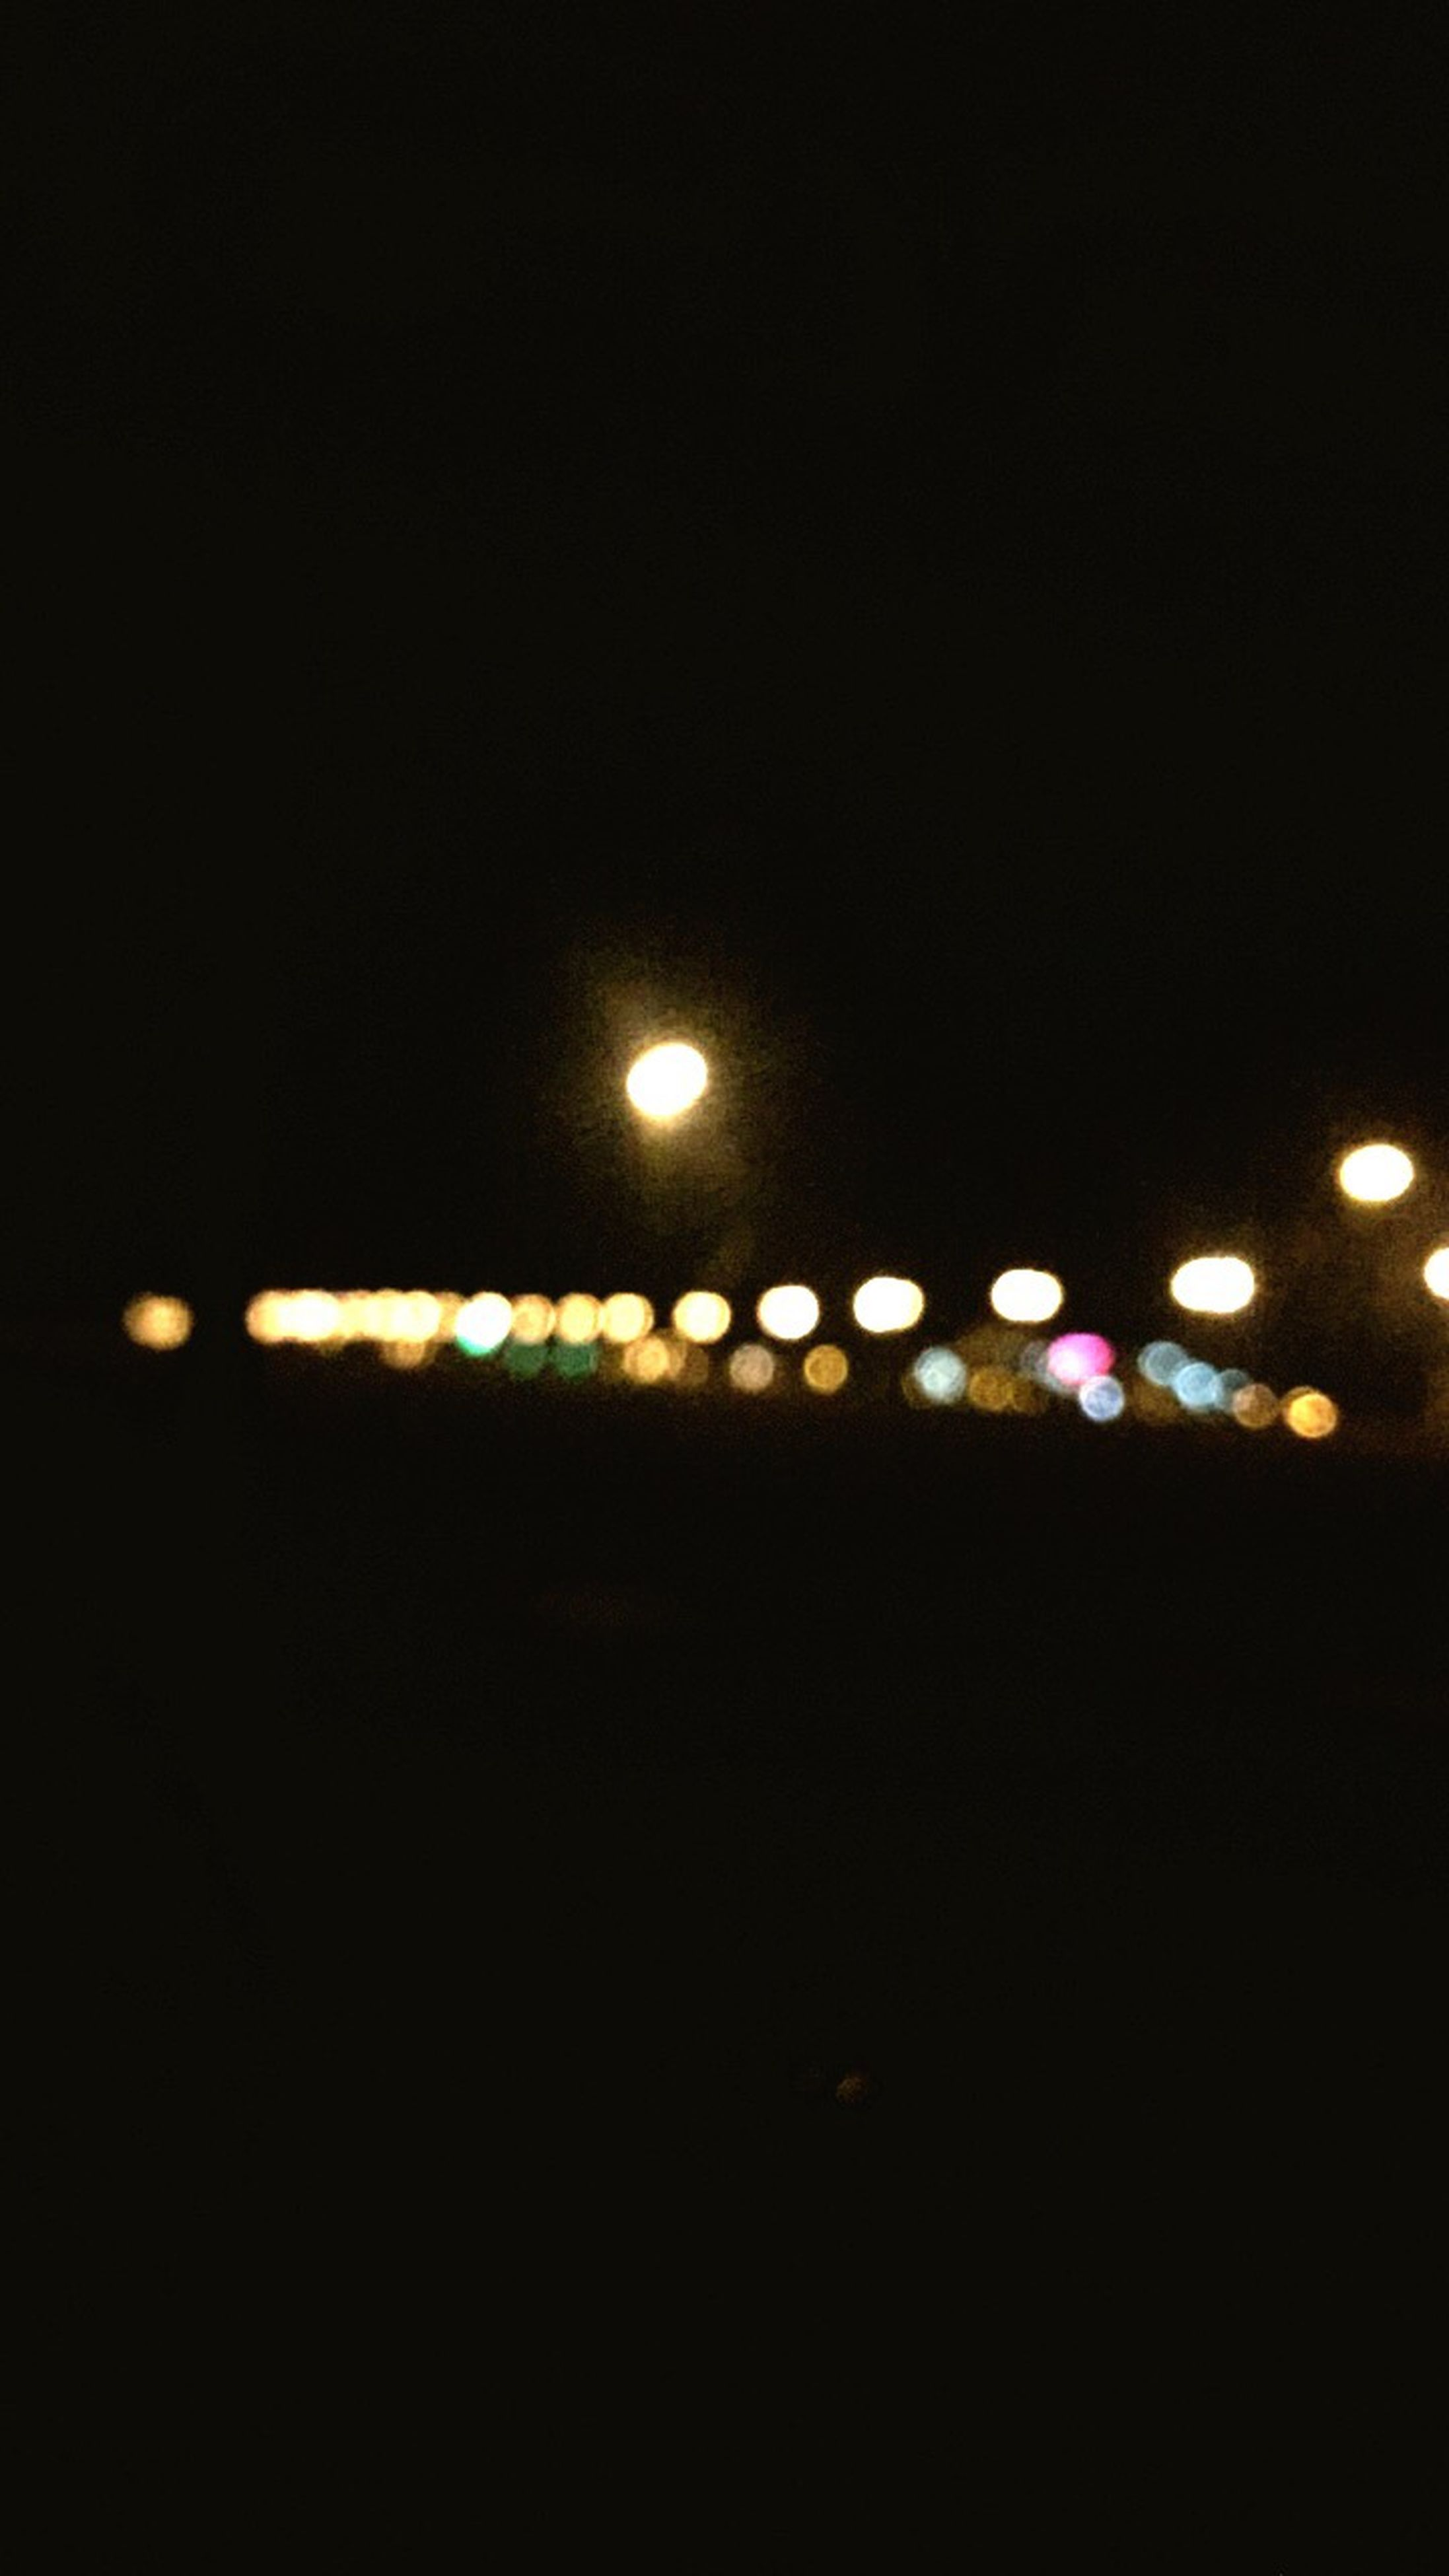 illuminated, lighting equipment, night, no people, outdoors, burning, sky, diwali, diya - oil lamp